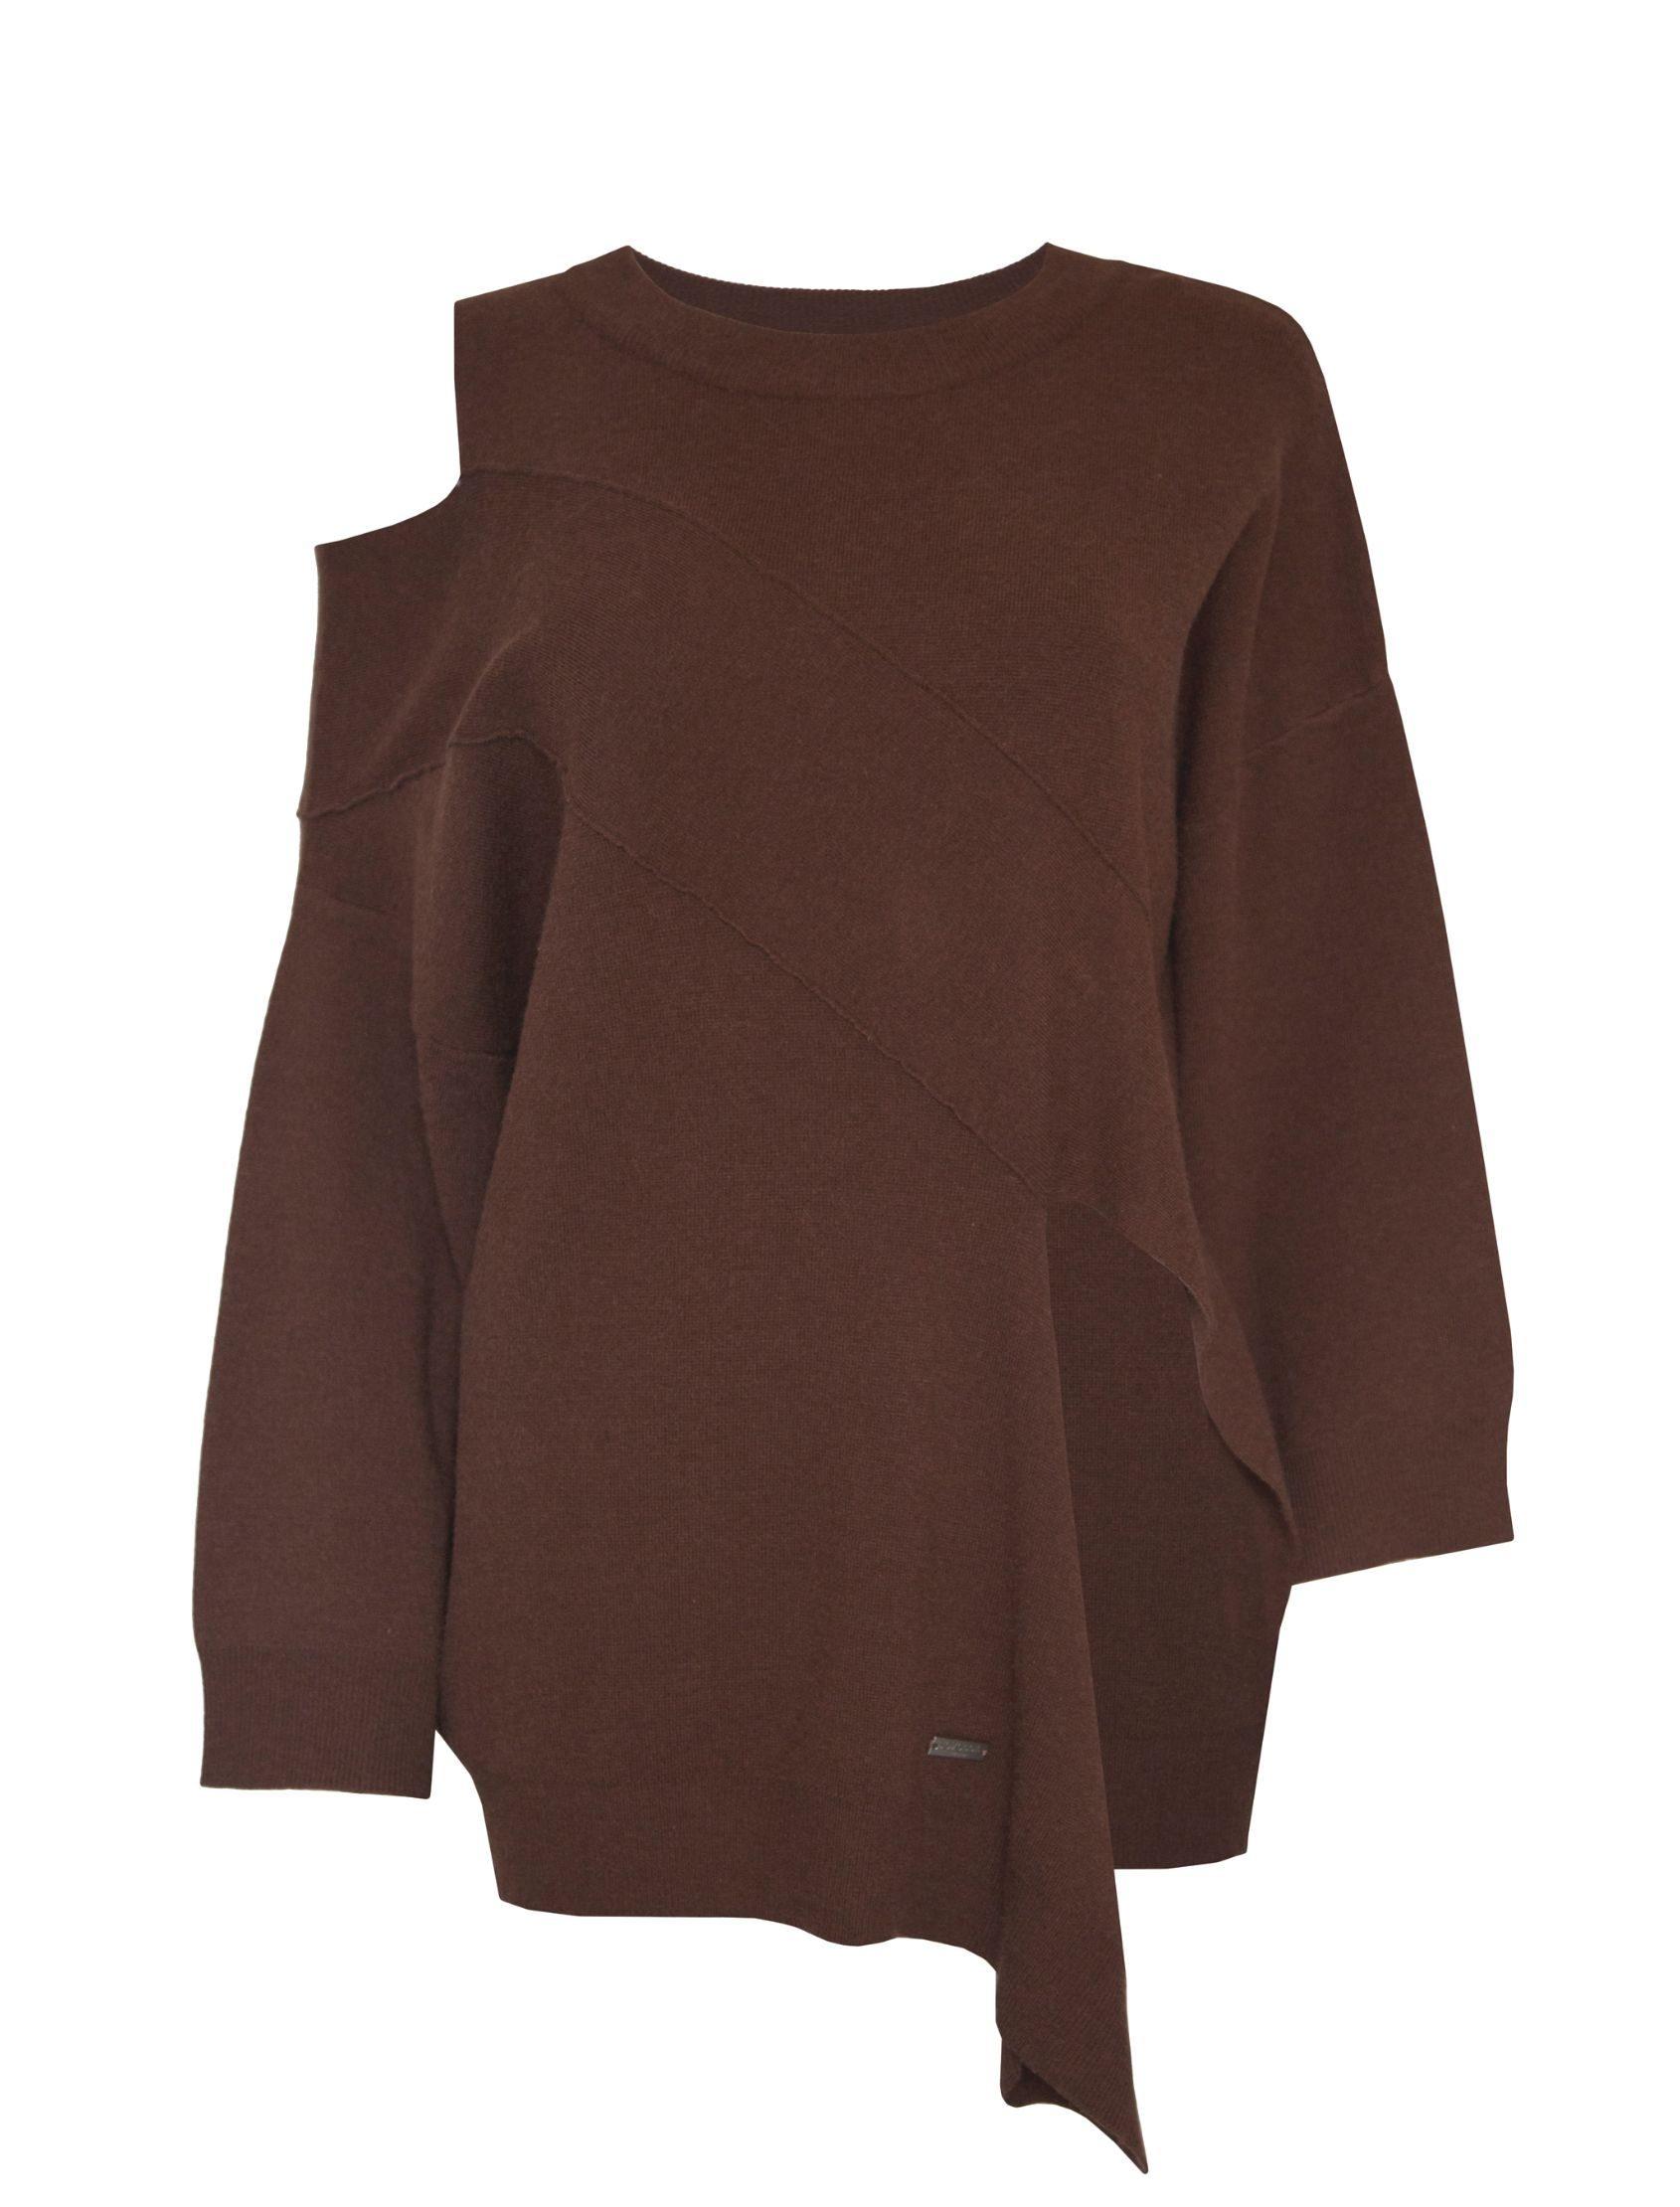 Jersey Scotia de Jovonna London de punto con hombro al aire en tono marrón